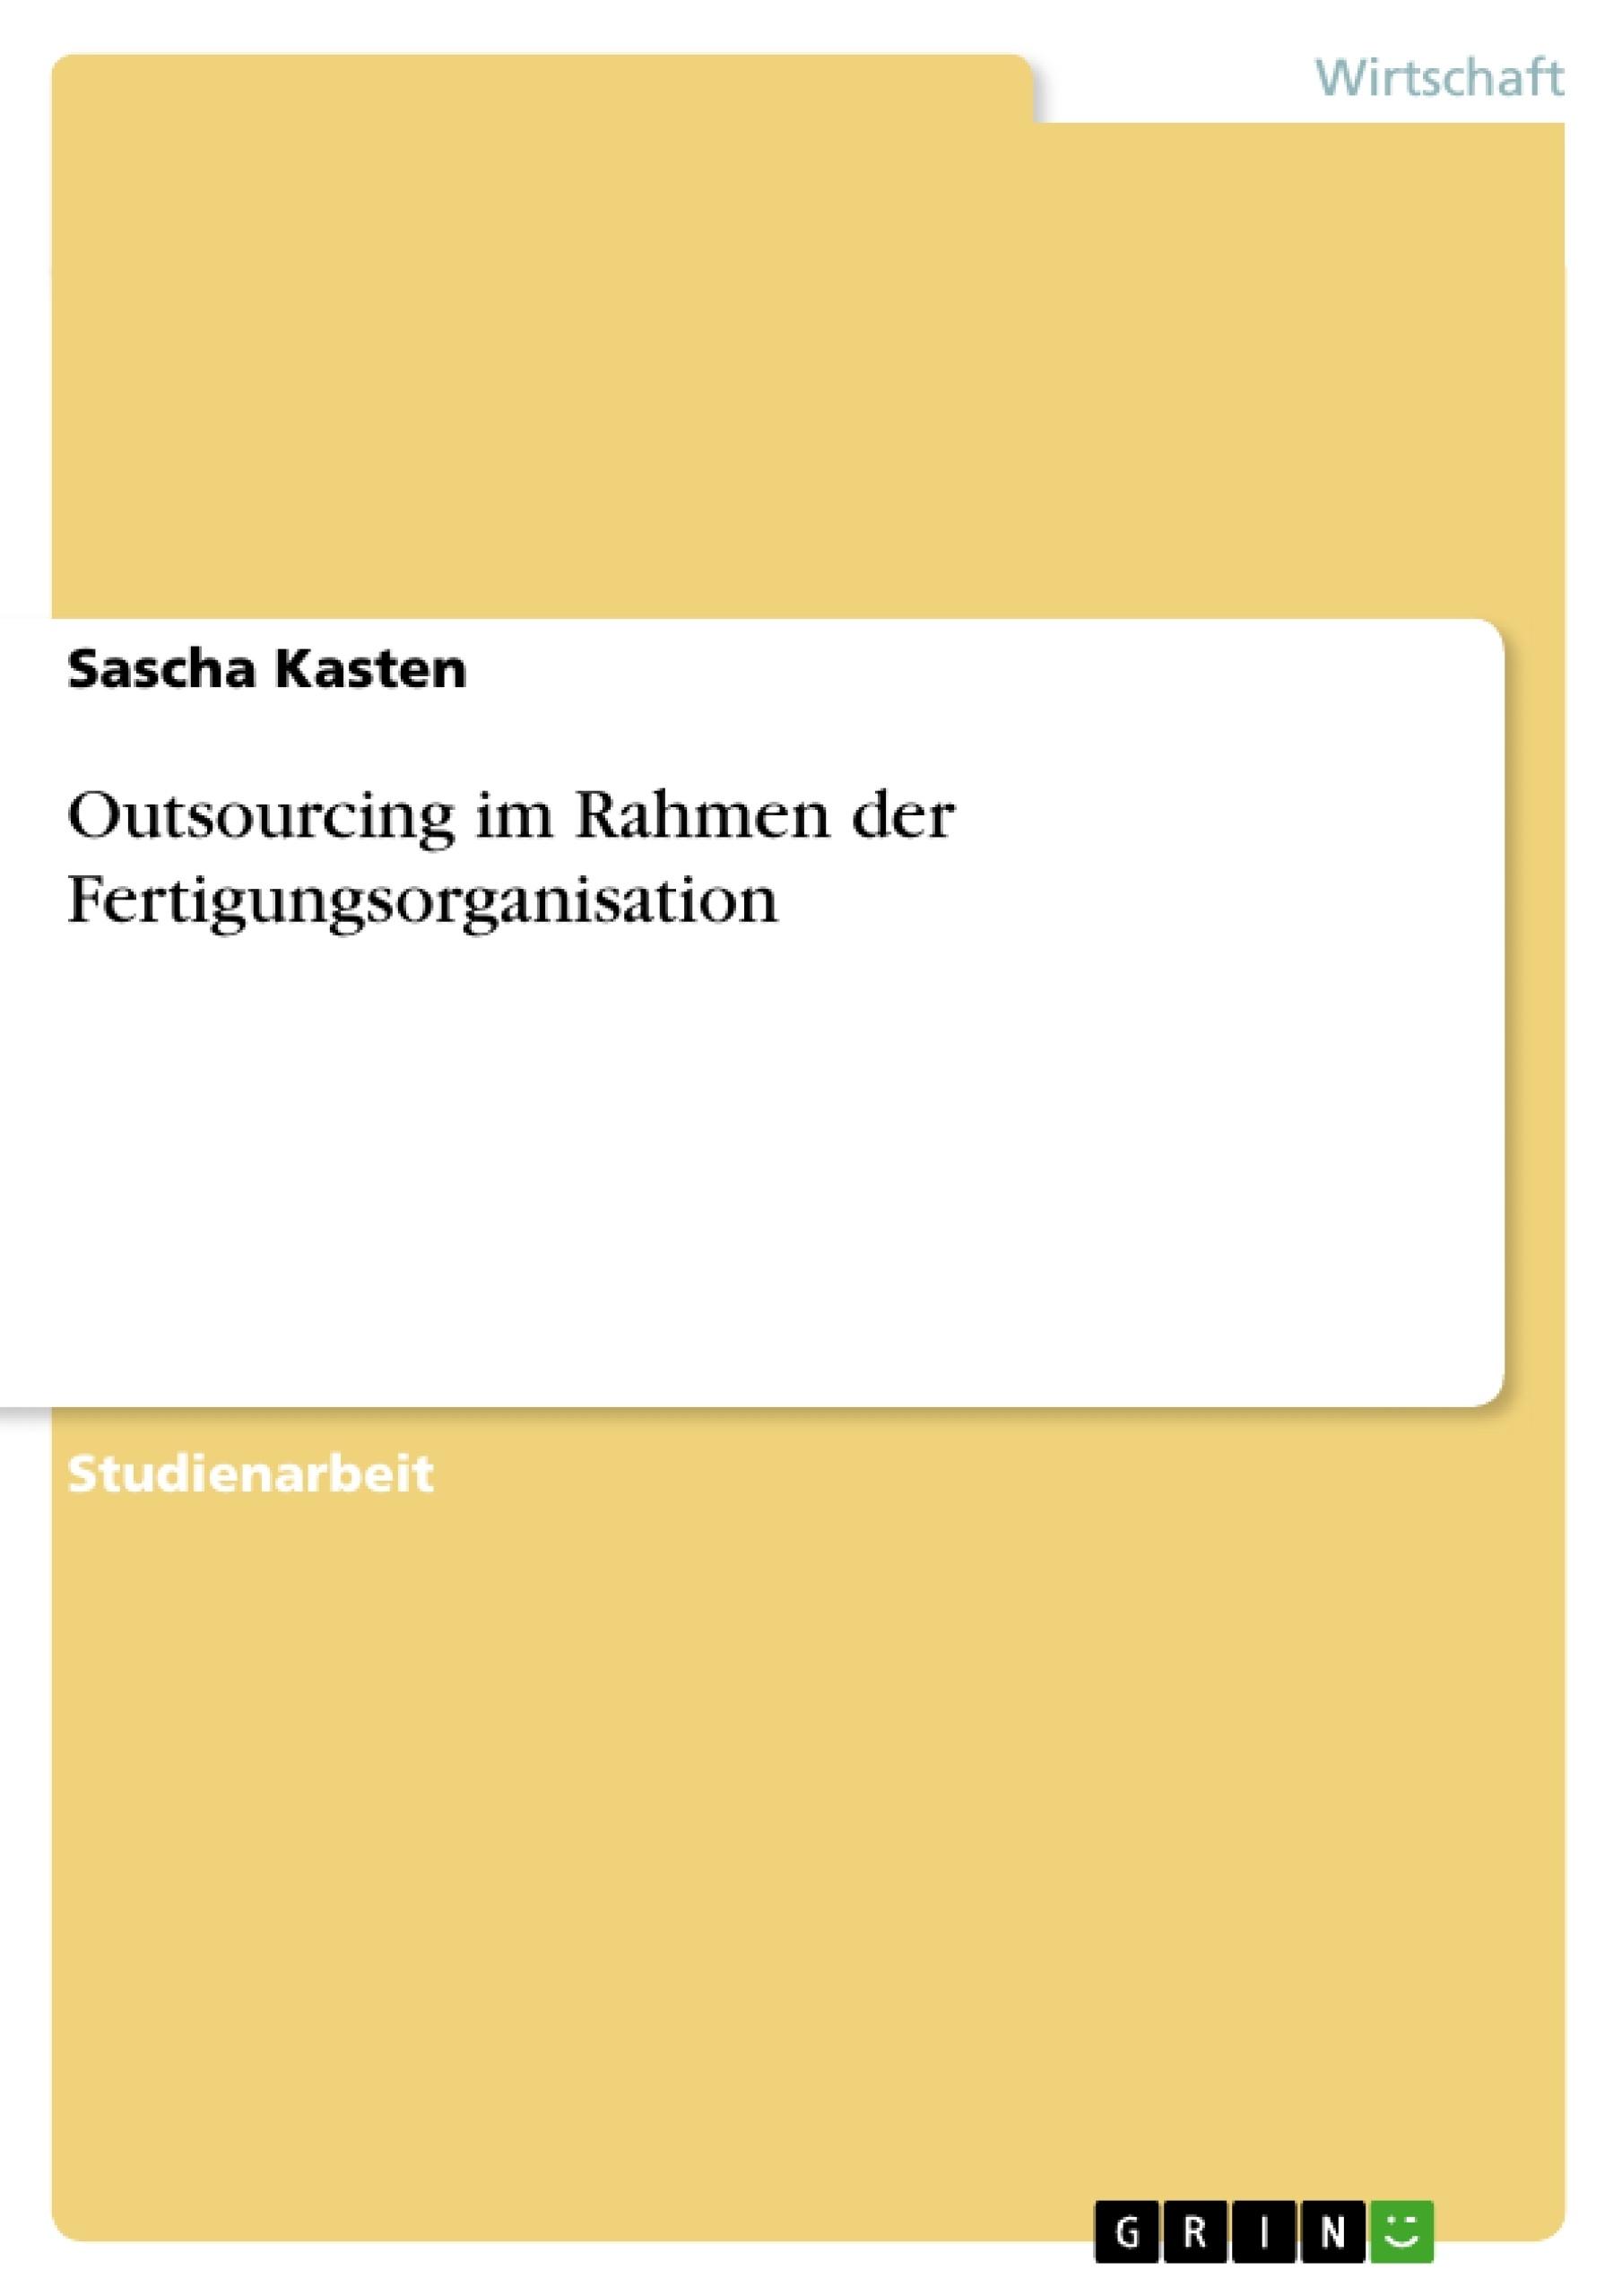 Titel: Outsourcing im Rahmen der Fertigungsorganisation